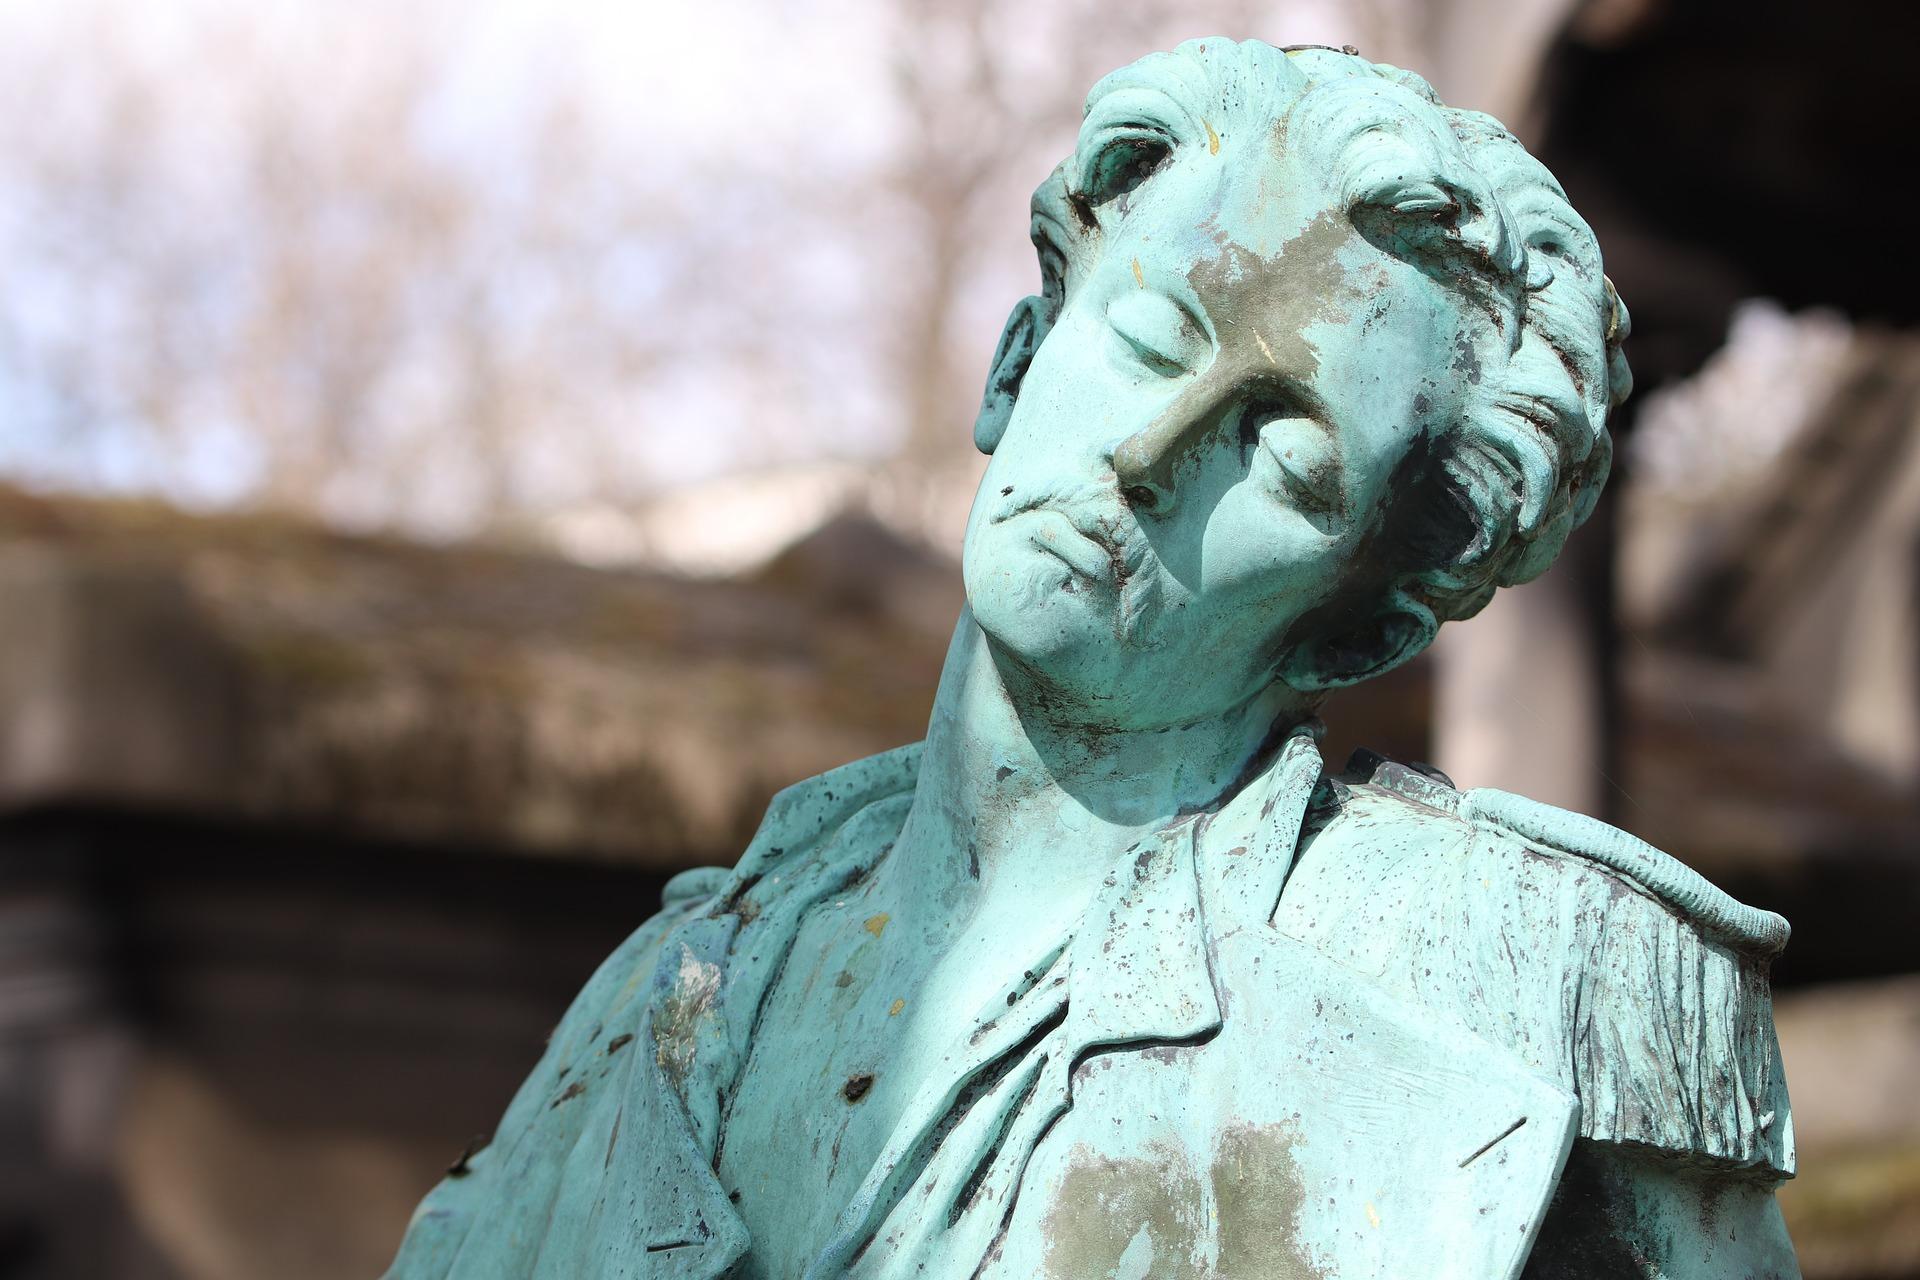 statue-4080981_1920